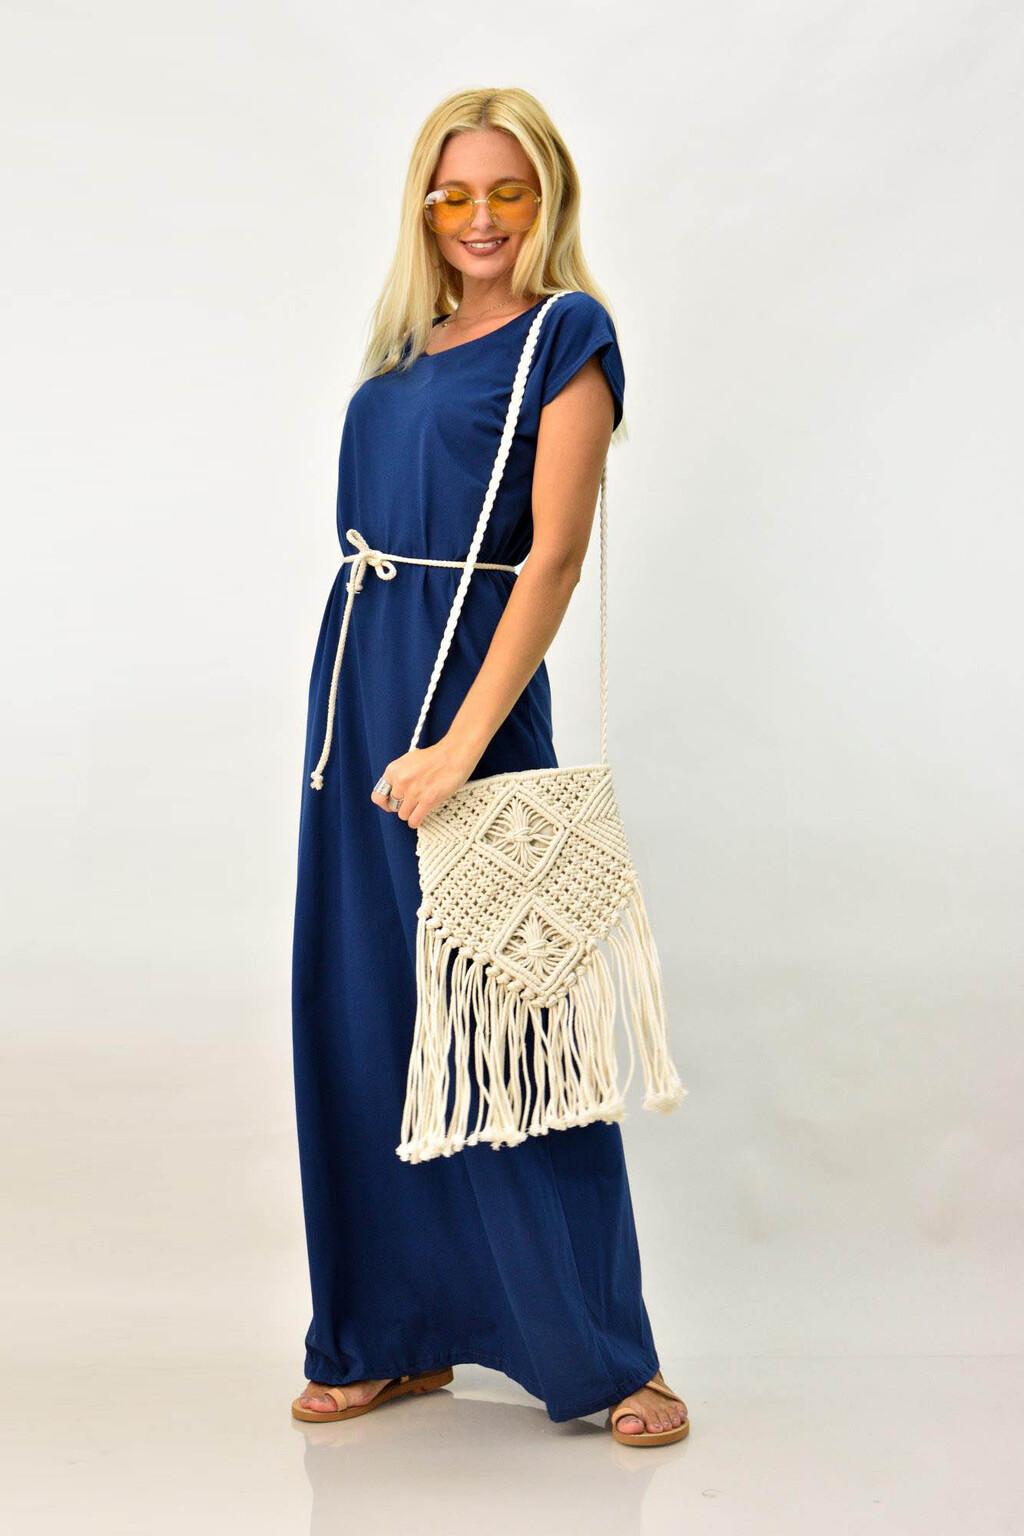 79eb66f715b Καθημερινό φόρεμα μακό με ζώνη   Καθημερινά Φορέματα   POTRE